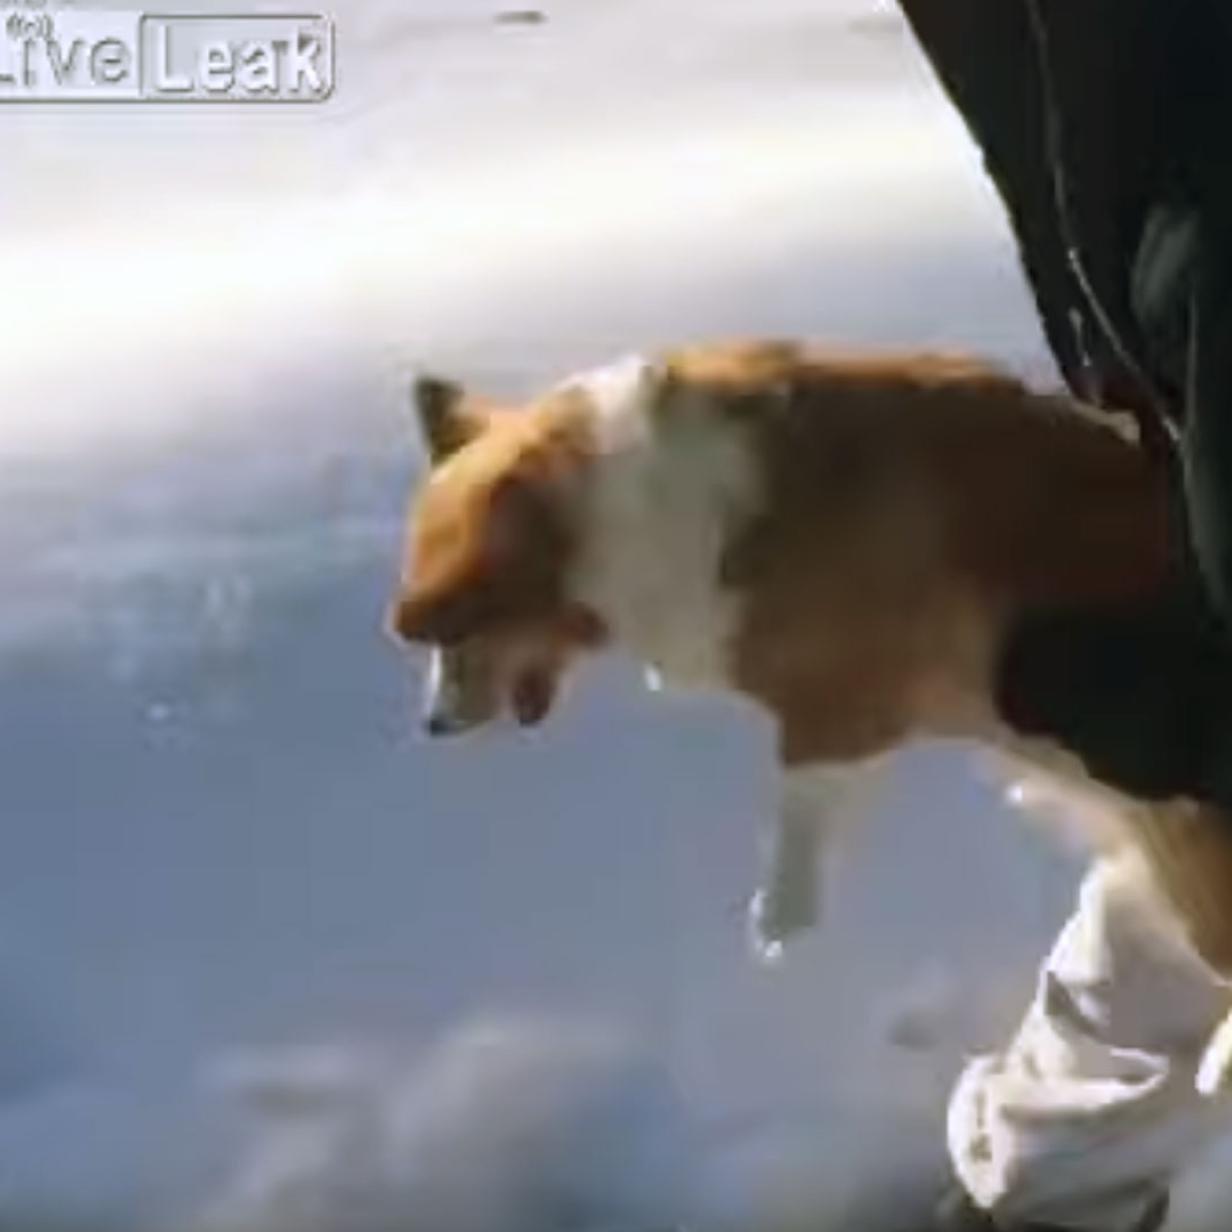 Ins Netz gegangen: Hund wird aus Flugzeug geworfen